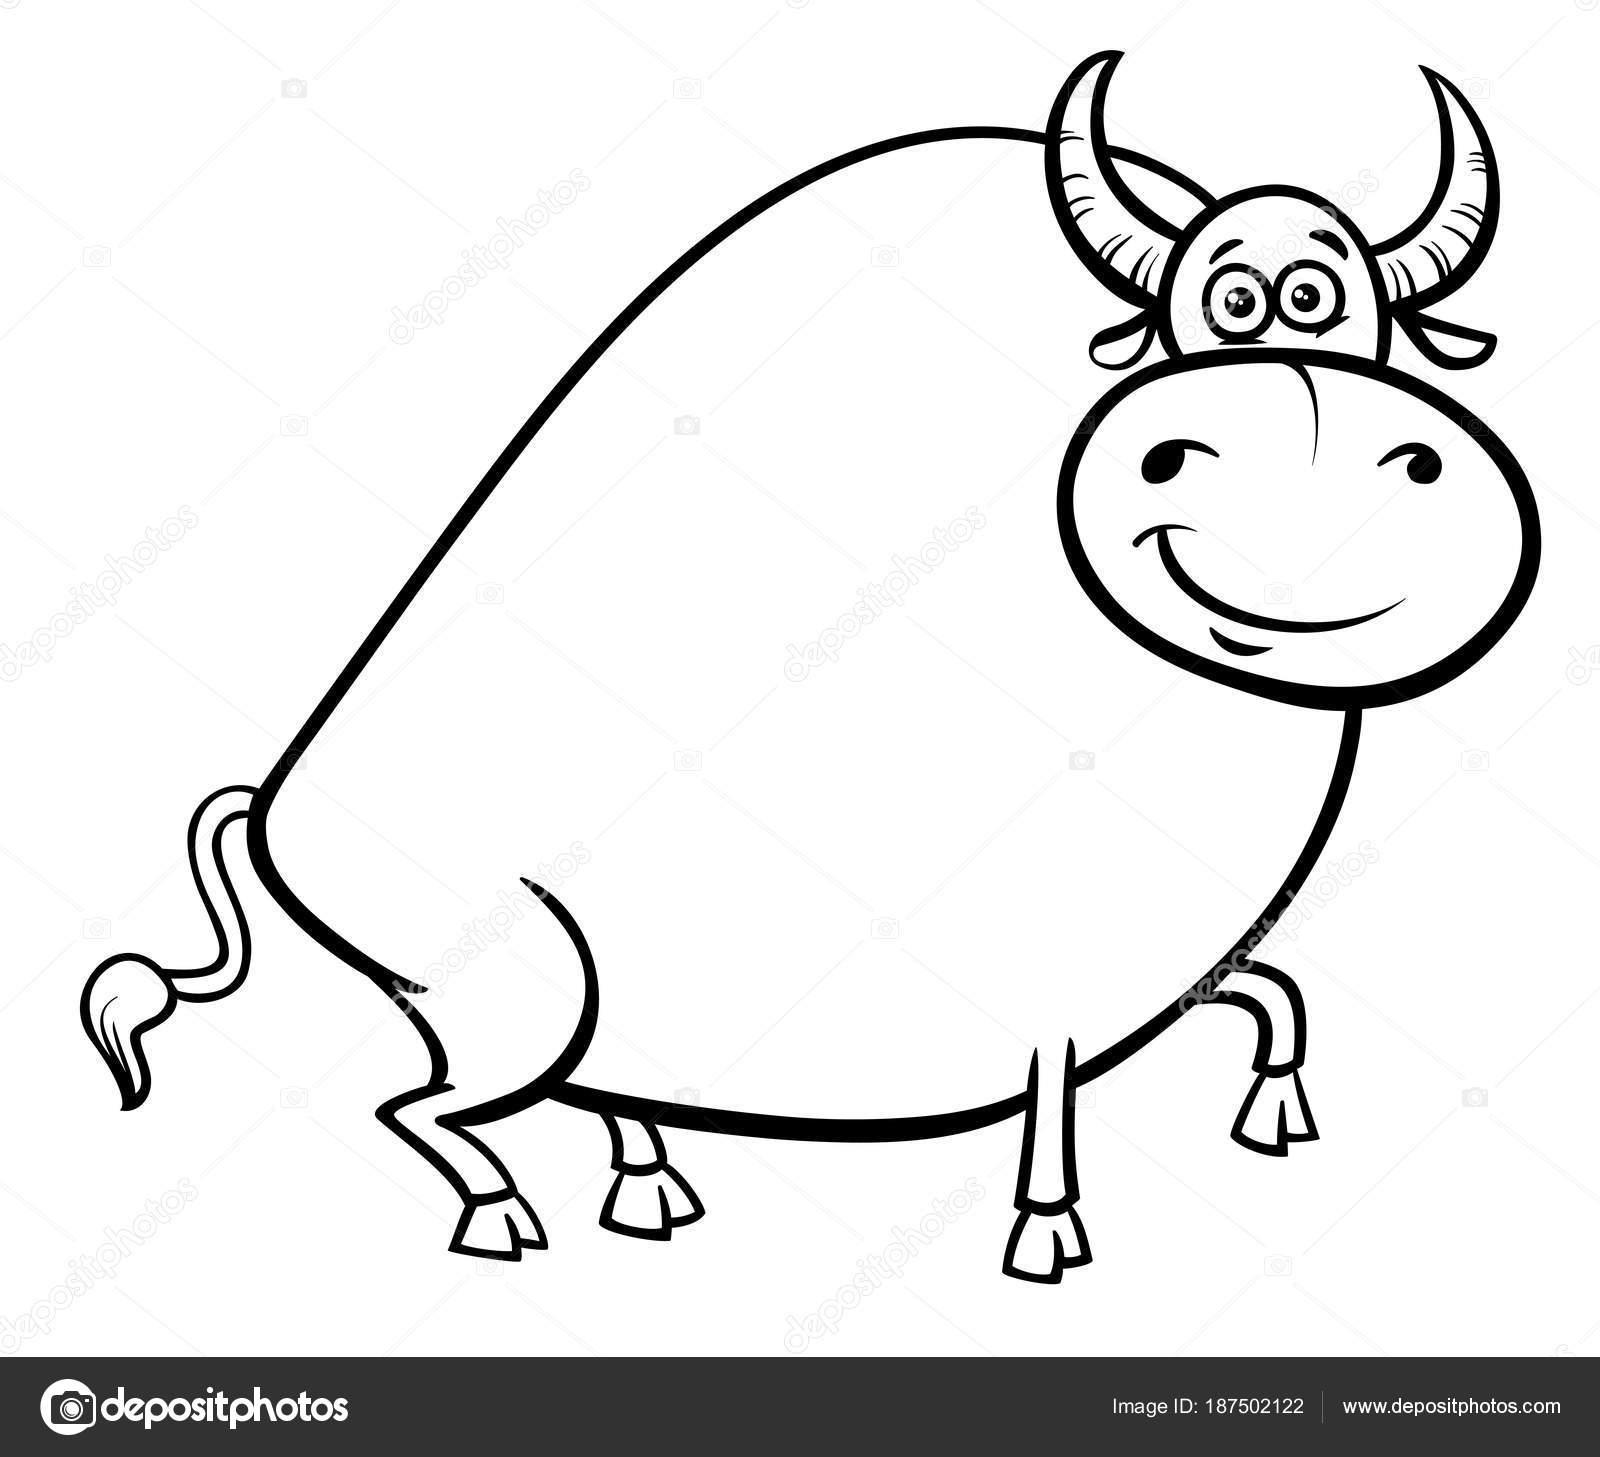 Cartoon Bull Drawing